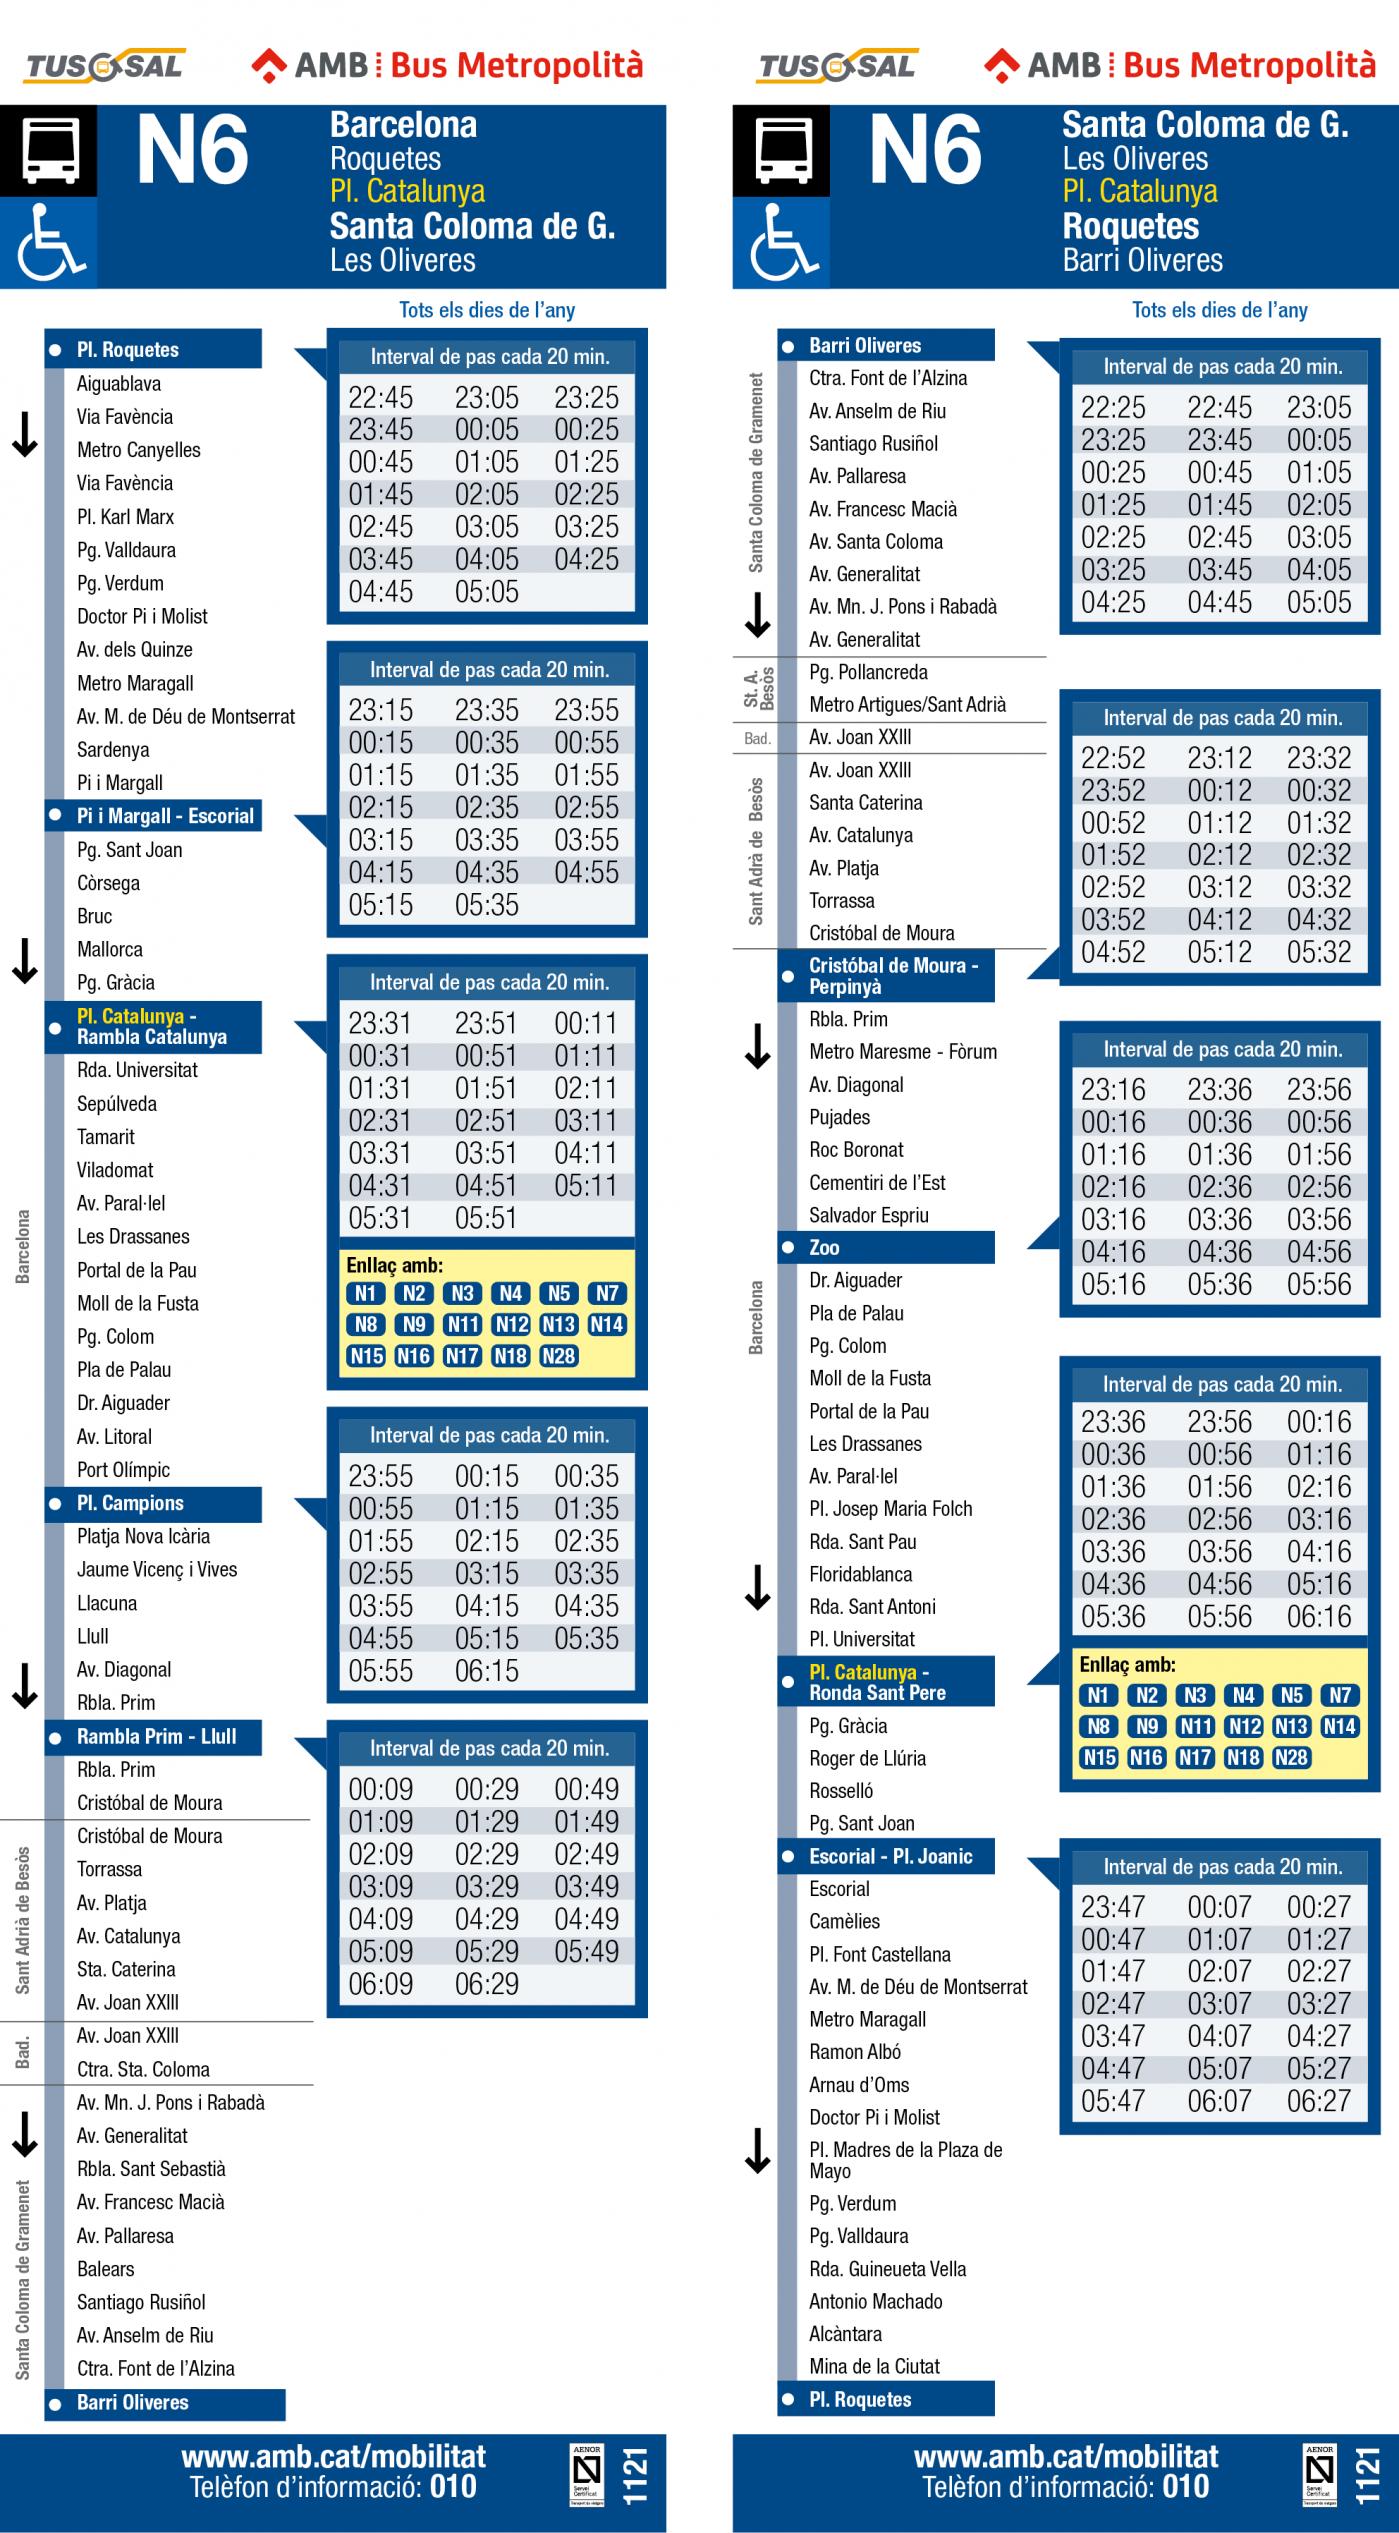 Tabla de horarios y frecuencias de paso Línea N6: Barcelona (Roquetes - Plaça Catalunya) - Santa Coloma de Gramenet (Les Oliveres)